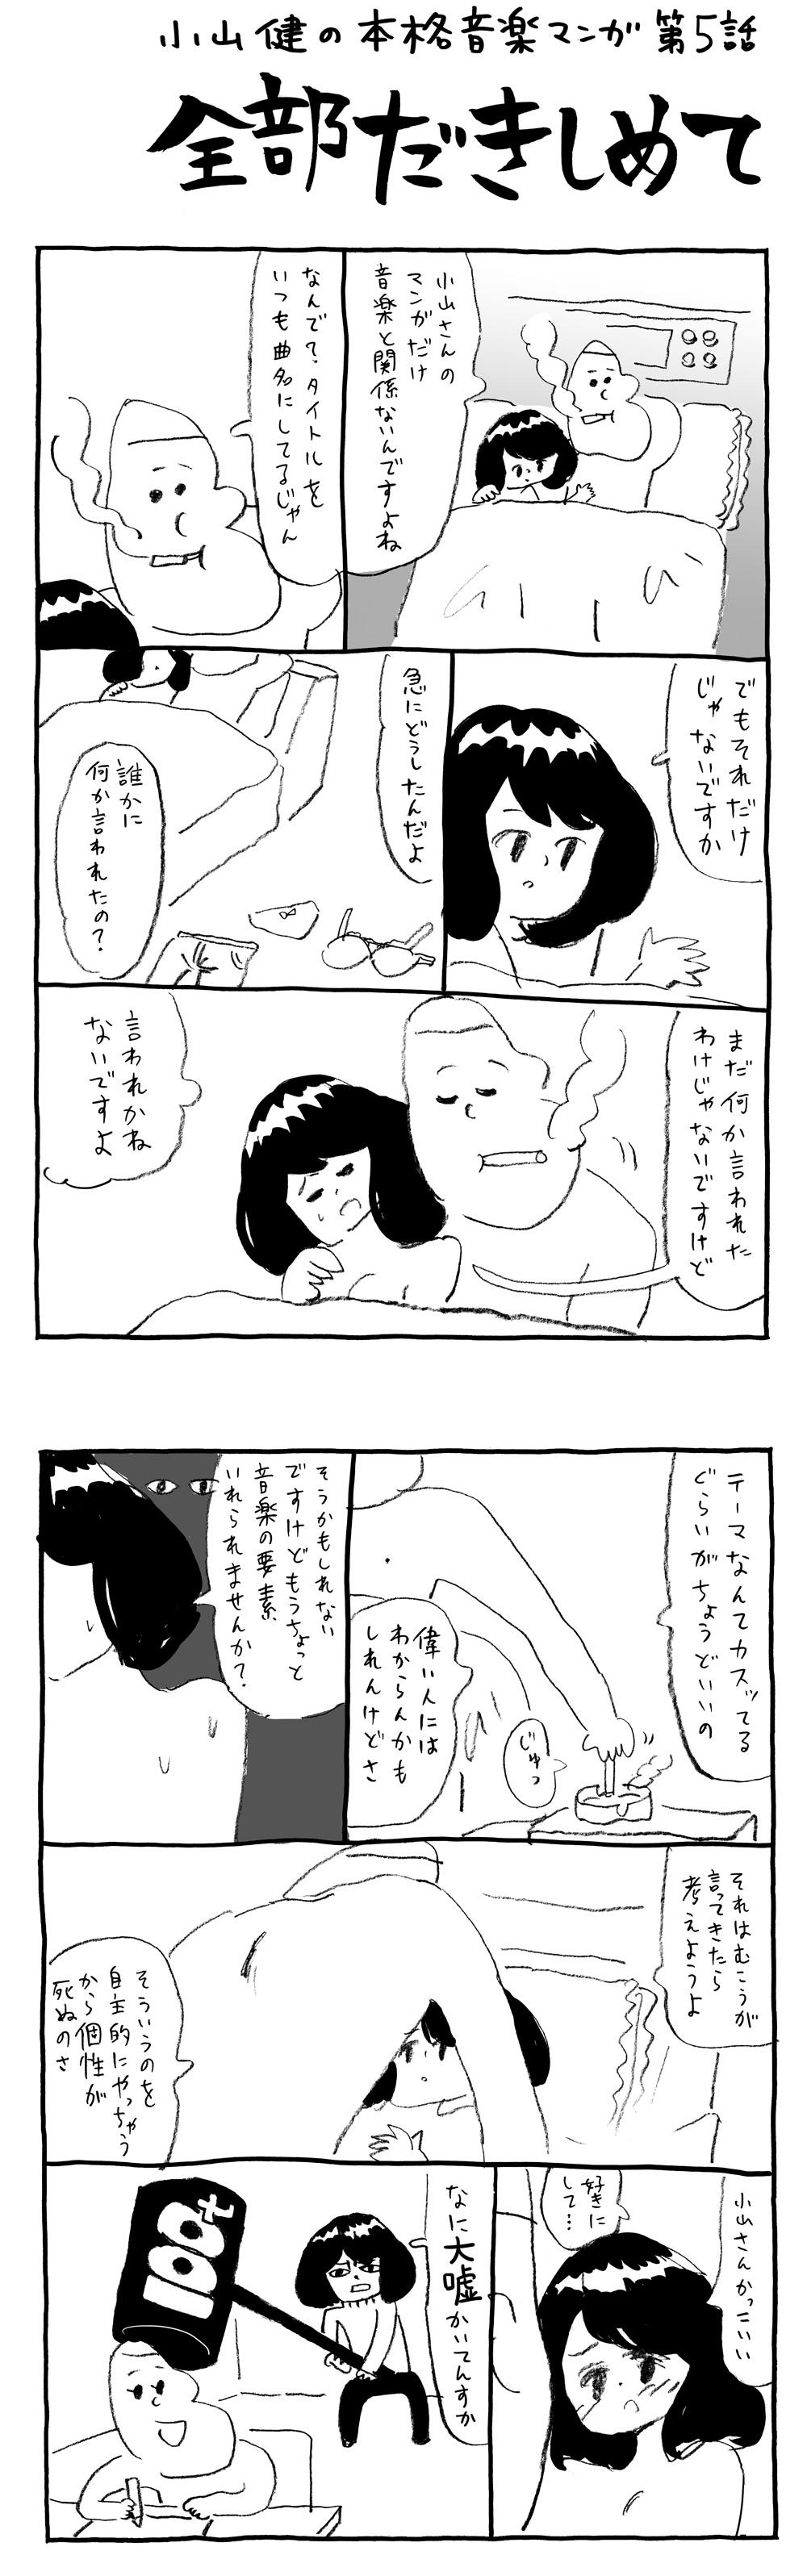 koyama-005